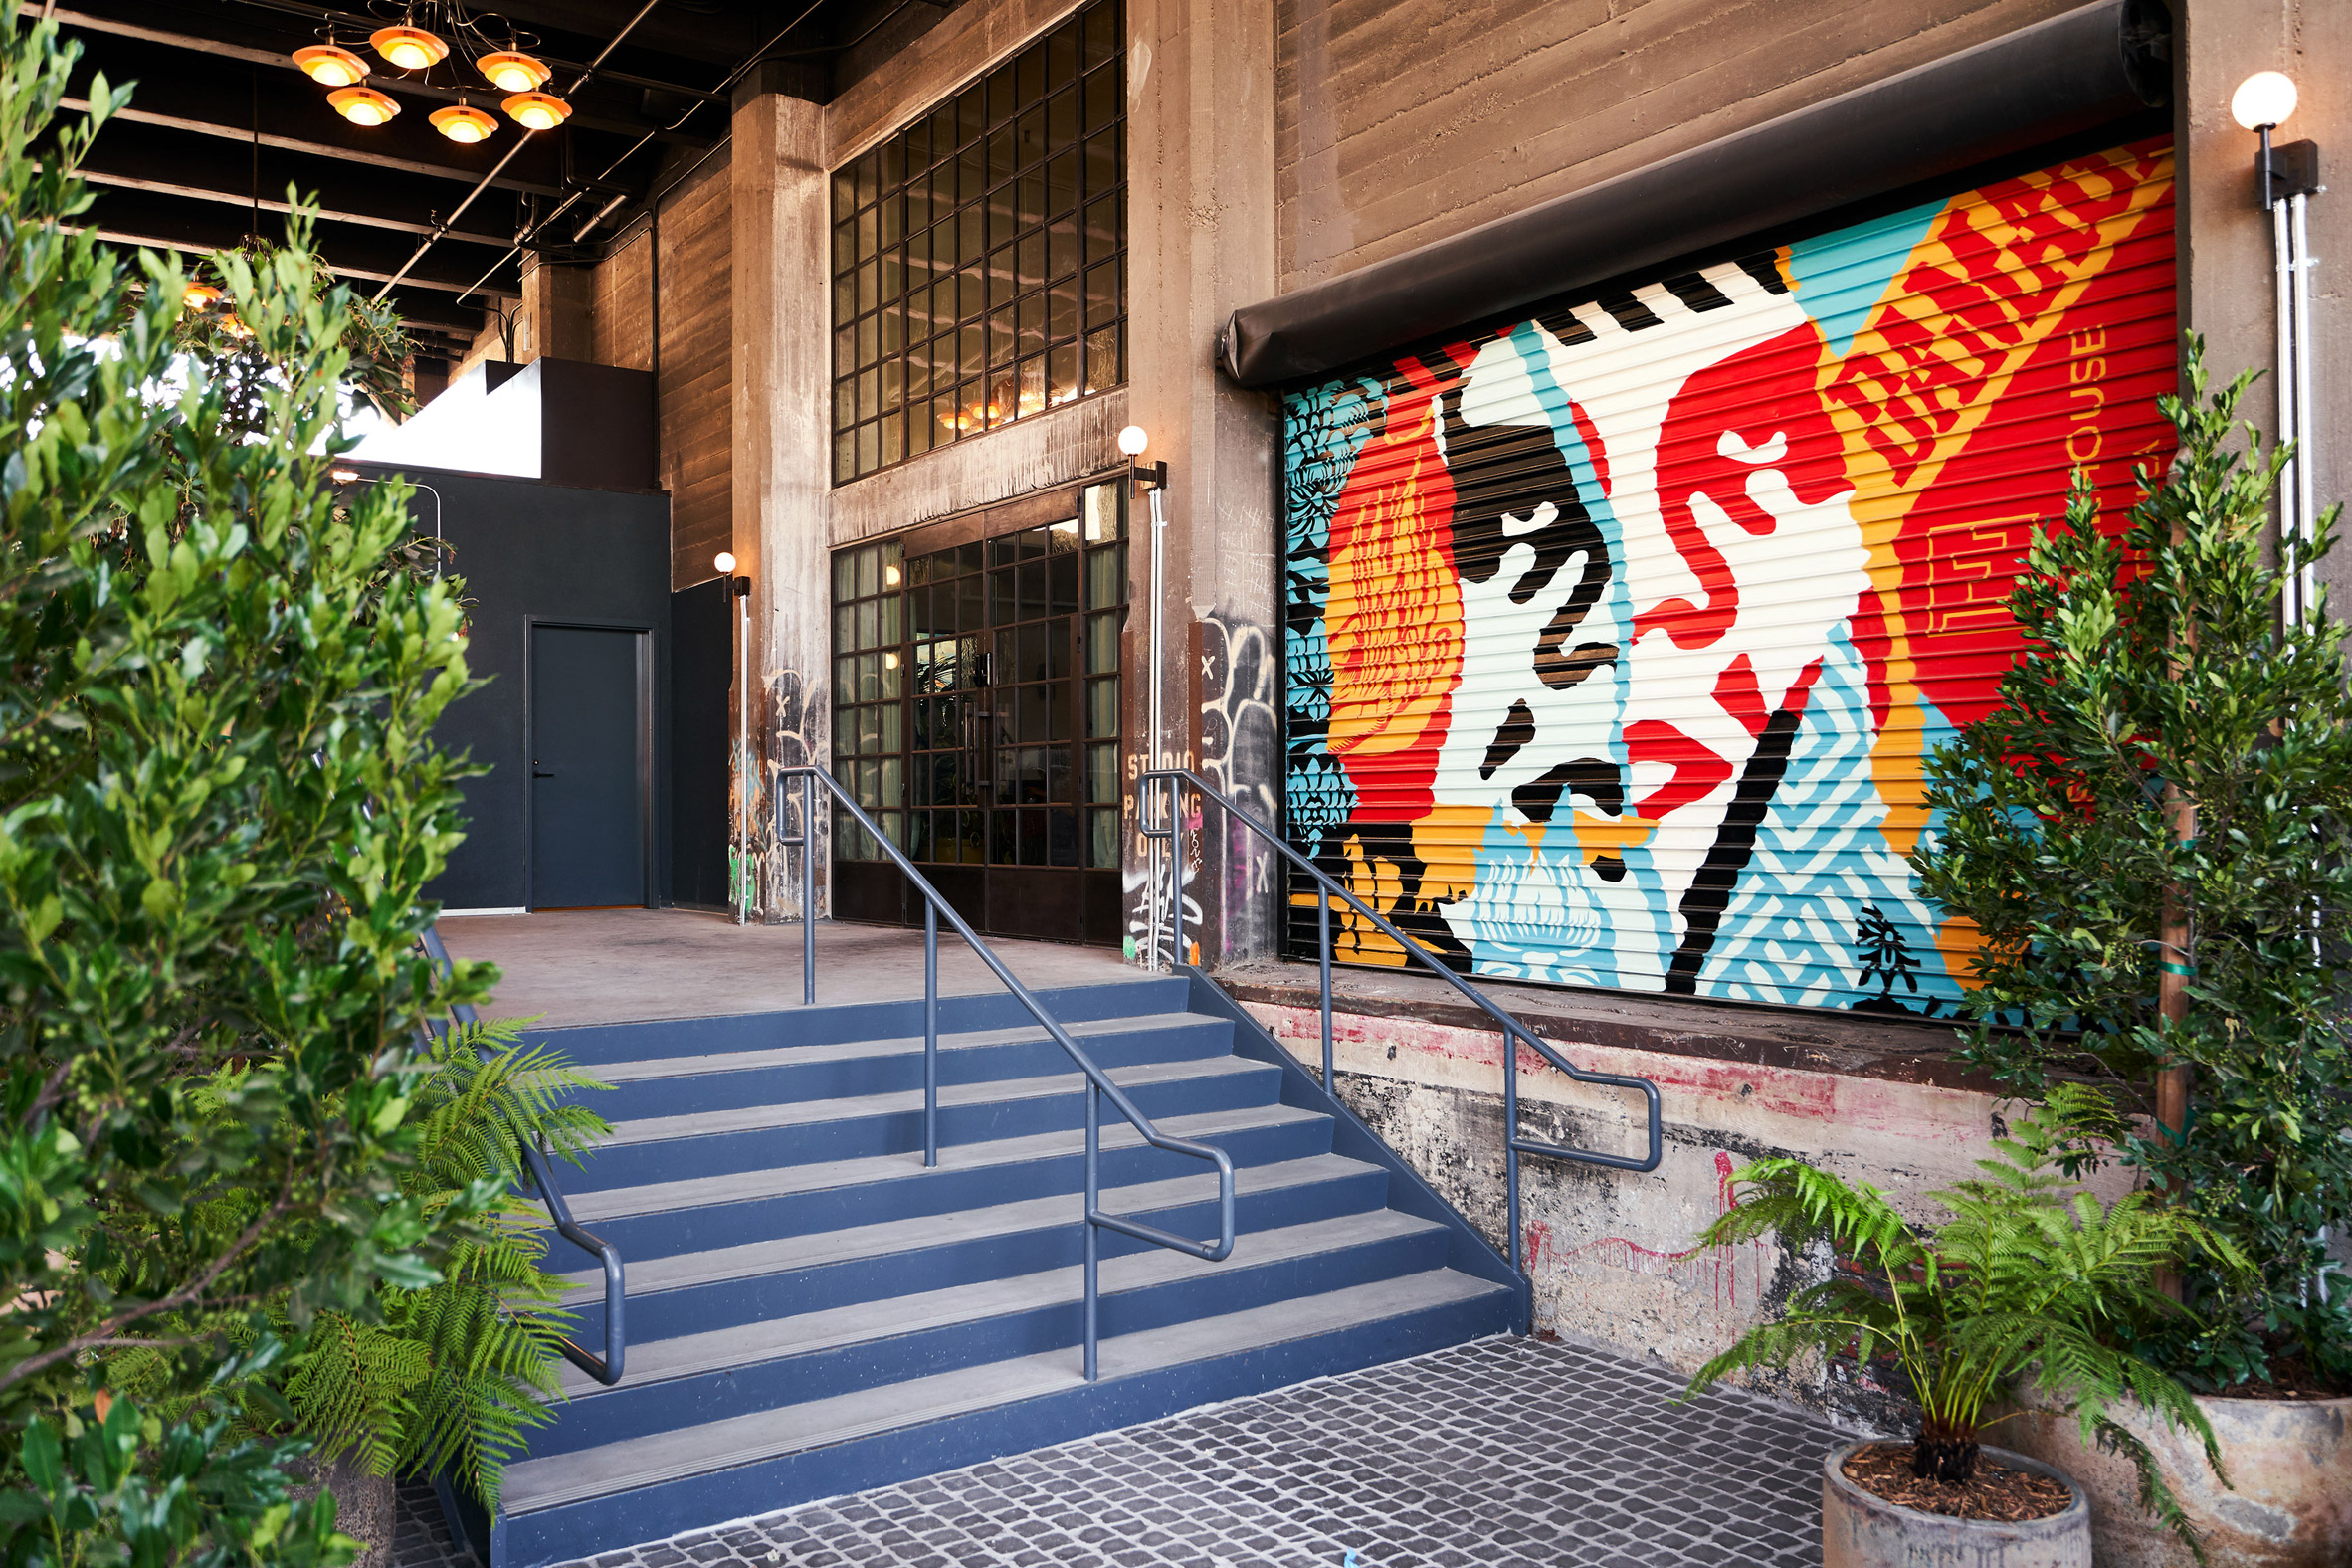 Thiết kế nội thất nhà hàng khách sạn 4